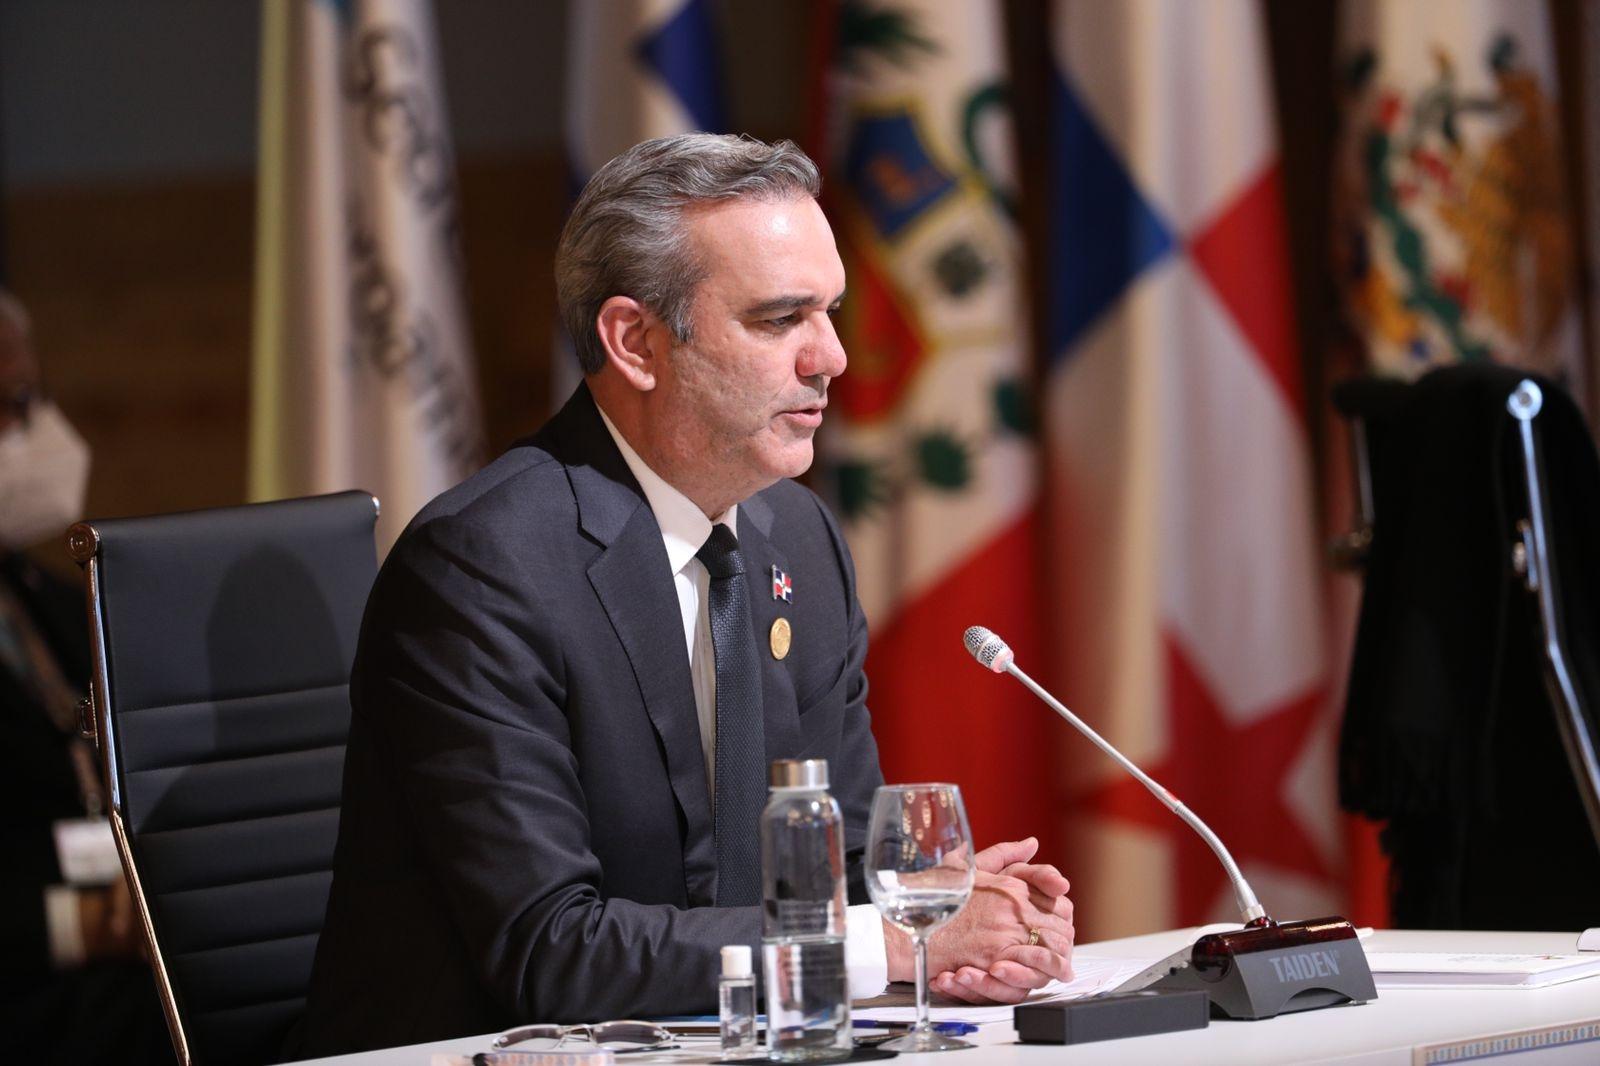 El presidente Luis Abinader dijo que en diálogo nacional no aceptará cambios elección presidencial.